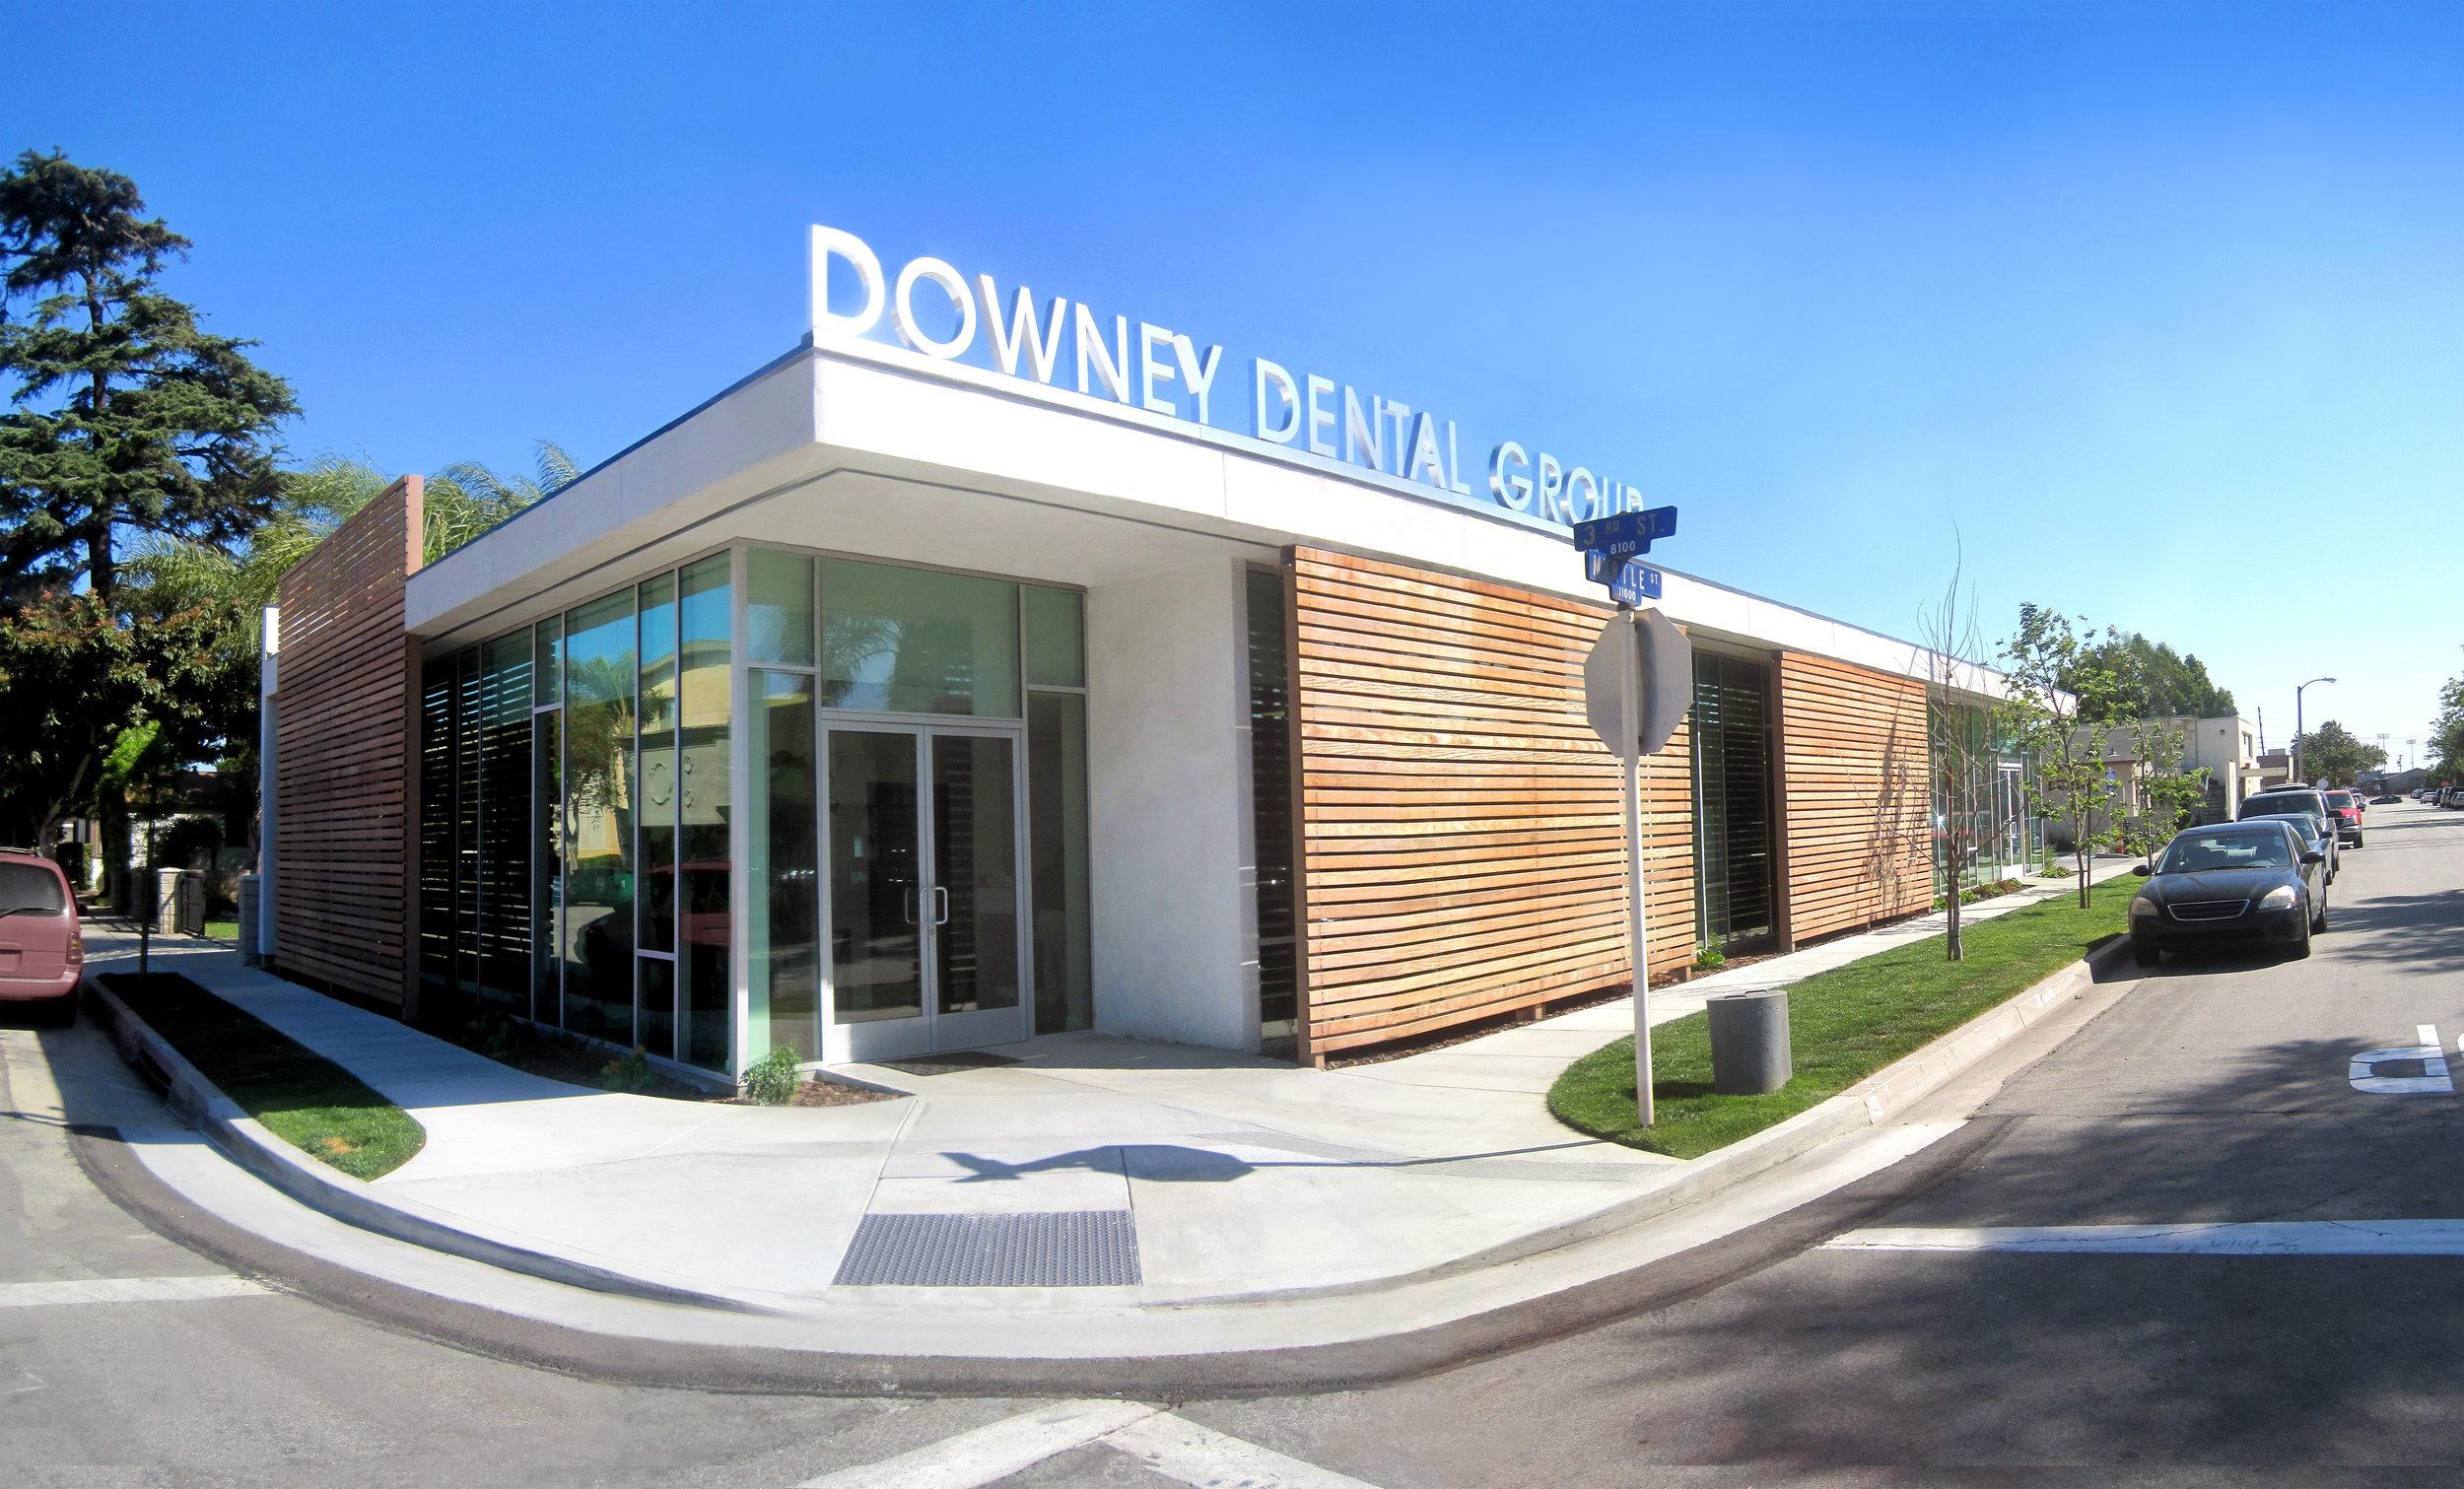 _SparanoMooneyArchitecture_DowneyDental1.jpg